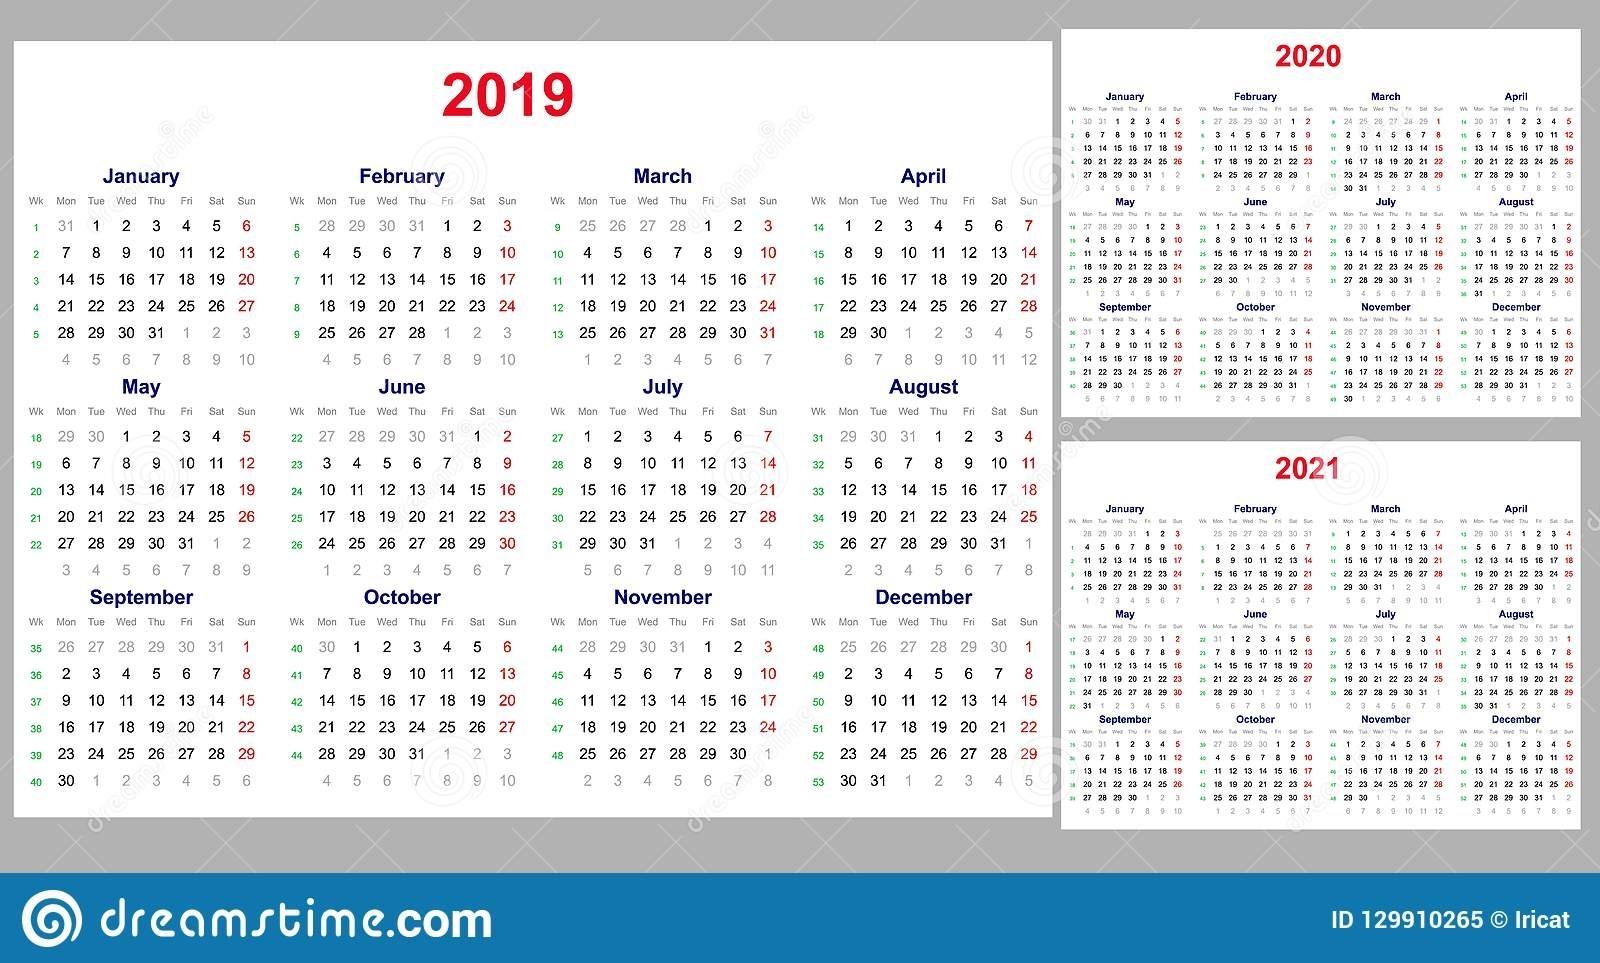 Calendario 2020 X Semanas - Calendario 2019